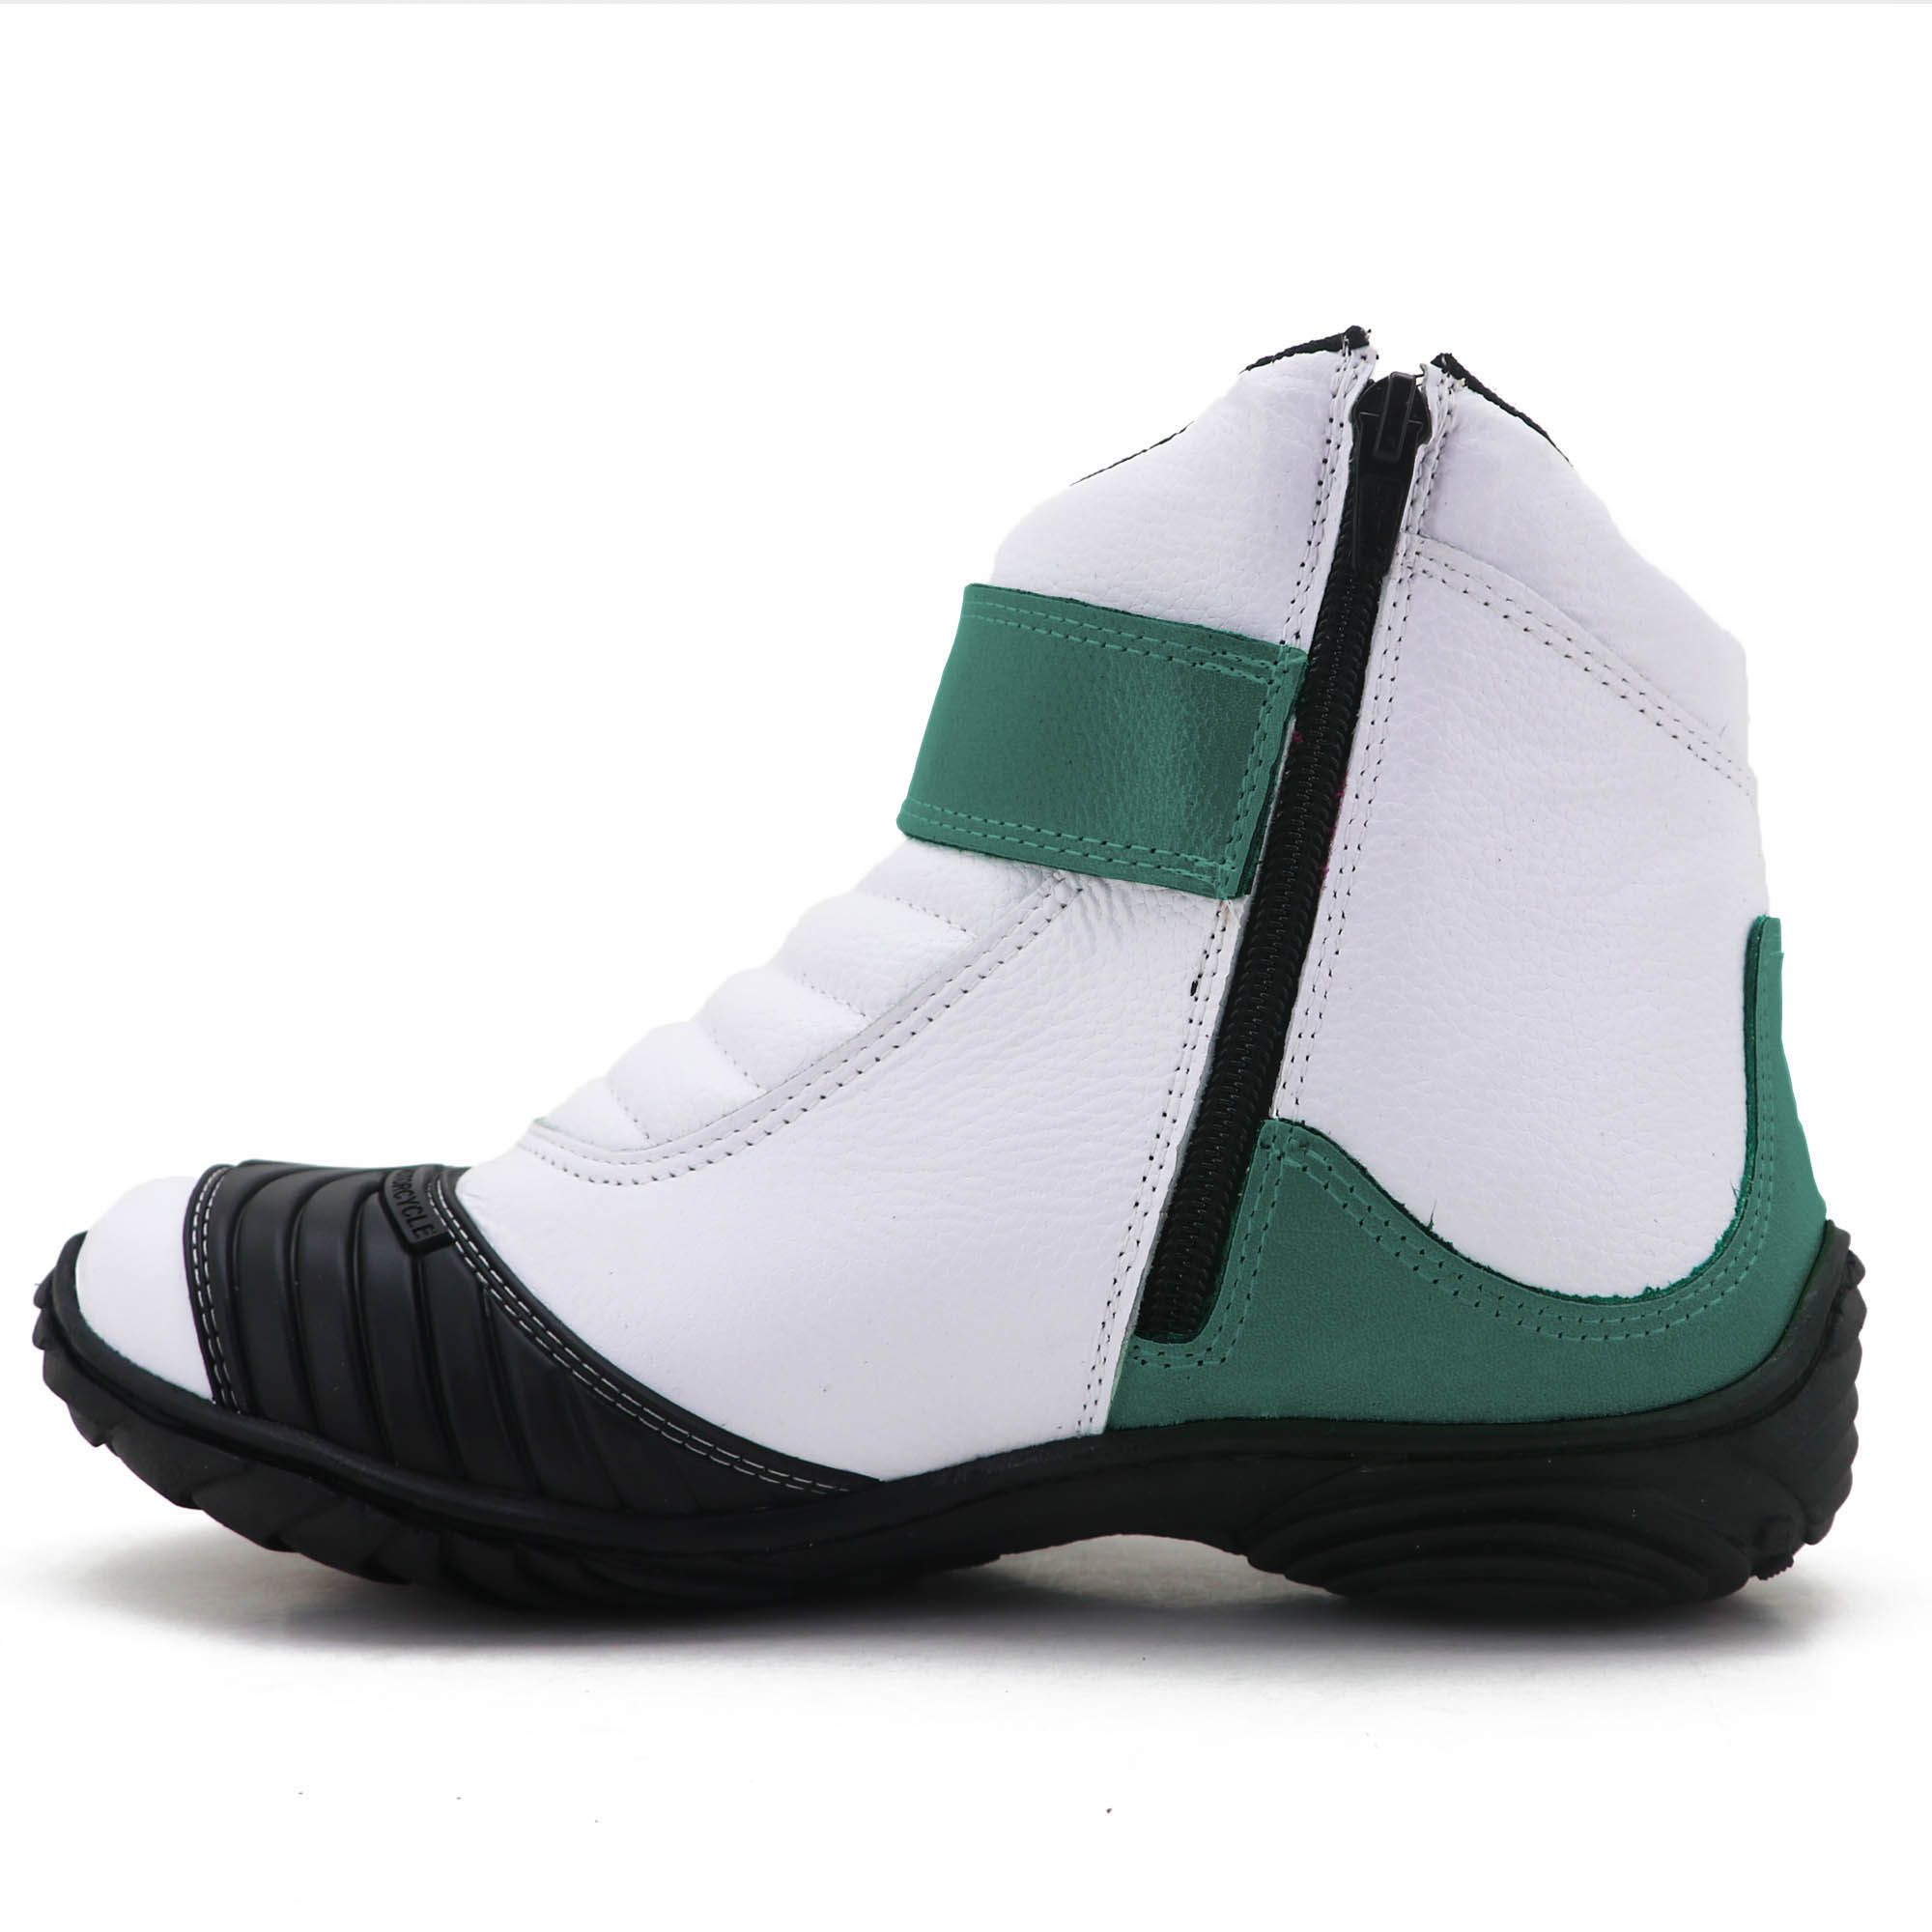 Bota para motociclista de couro branco e verde bandeira 271